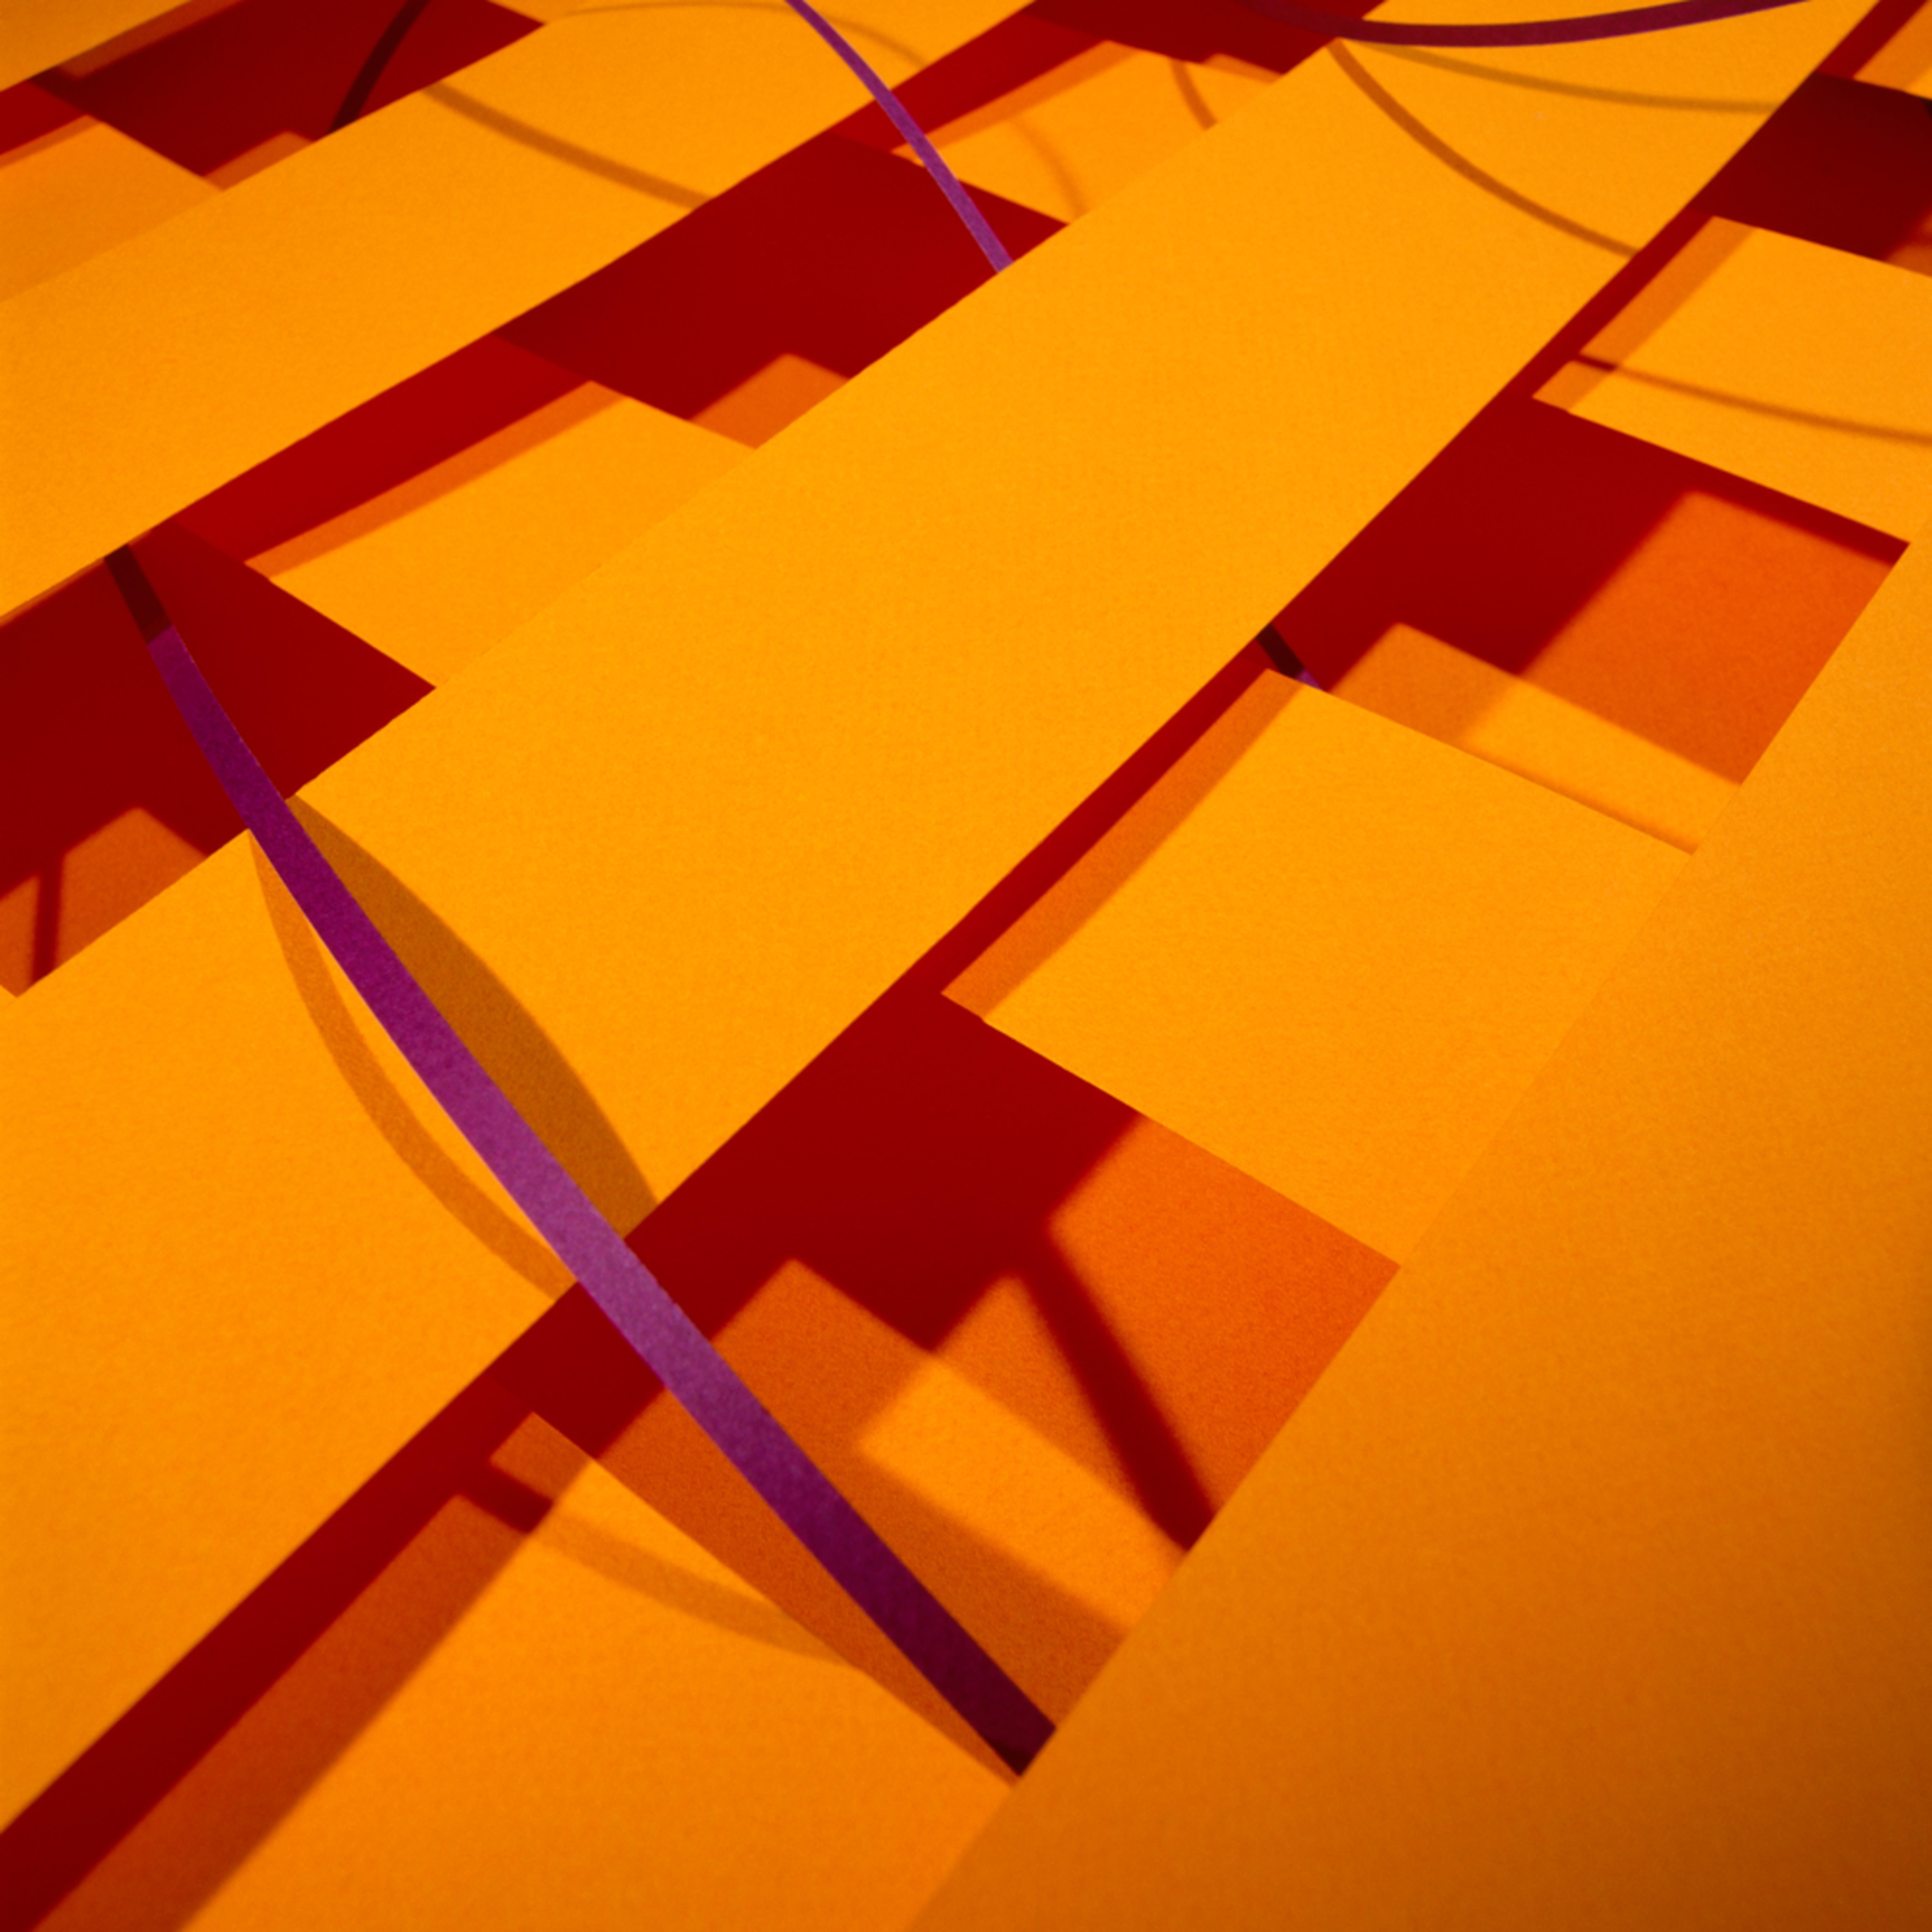 Abstract 2 bul06a